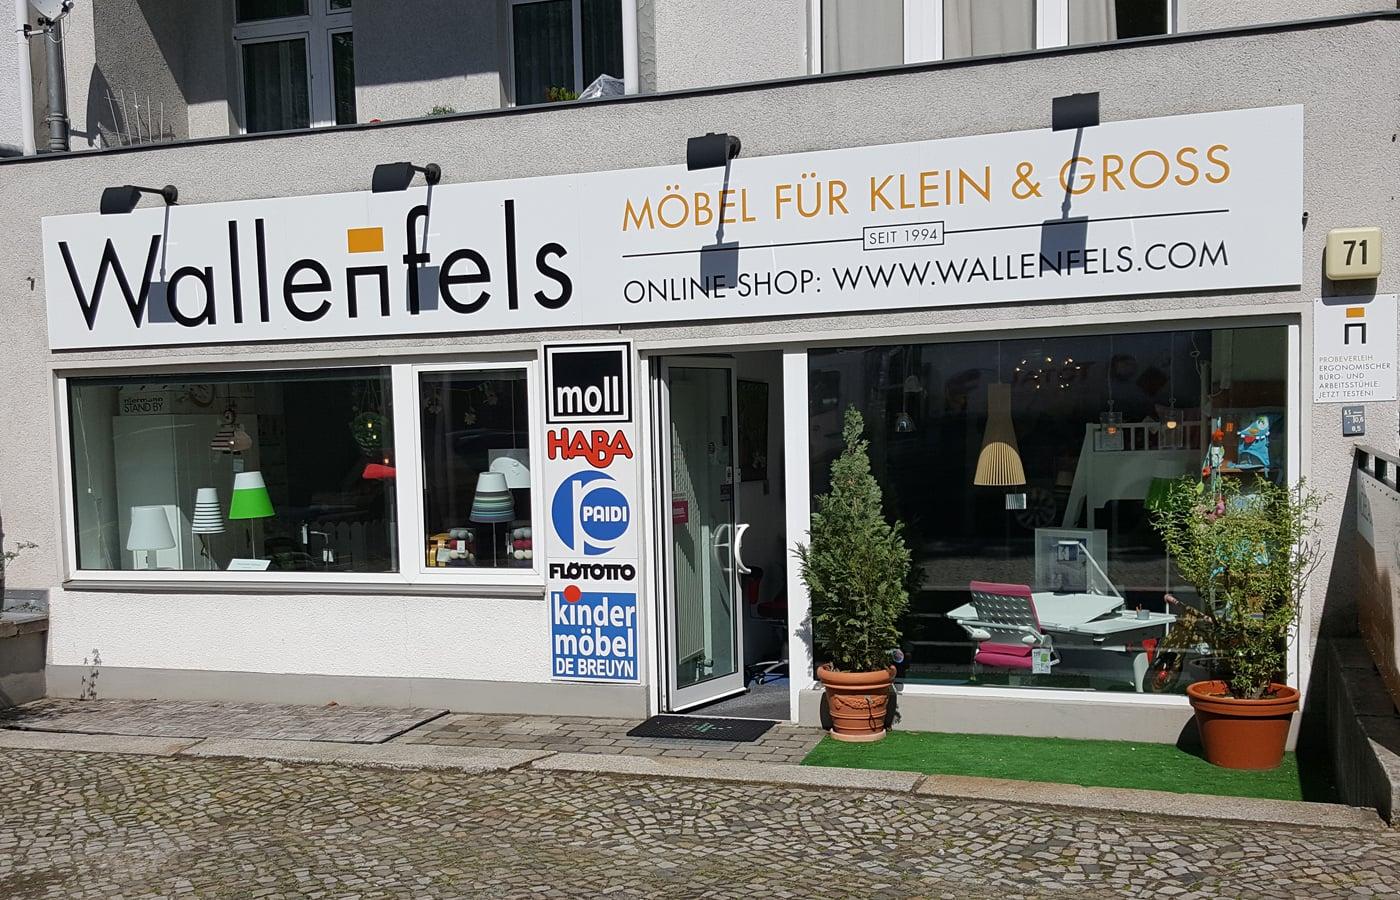 möbel hübner online shop